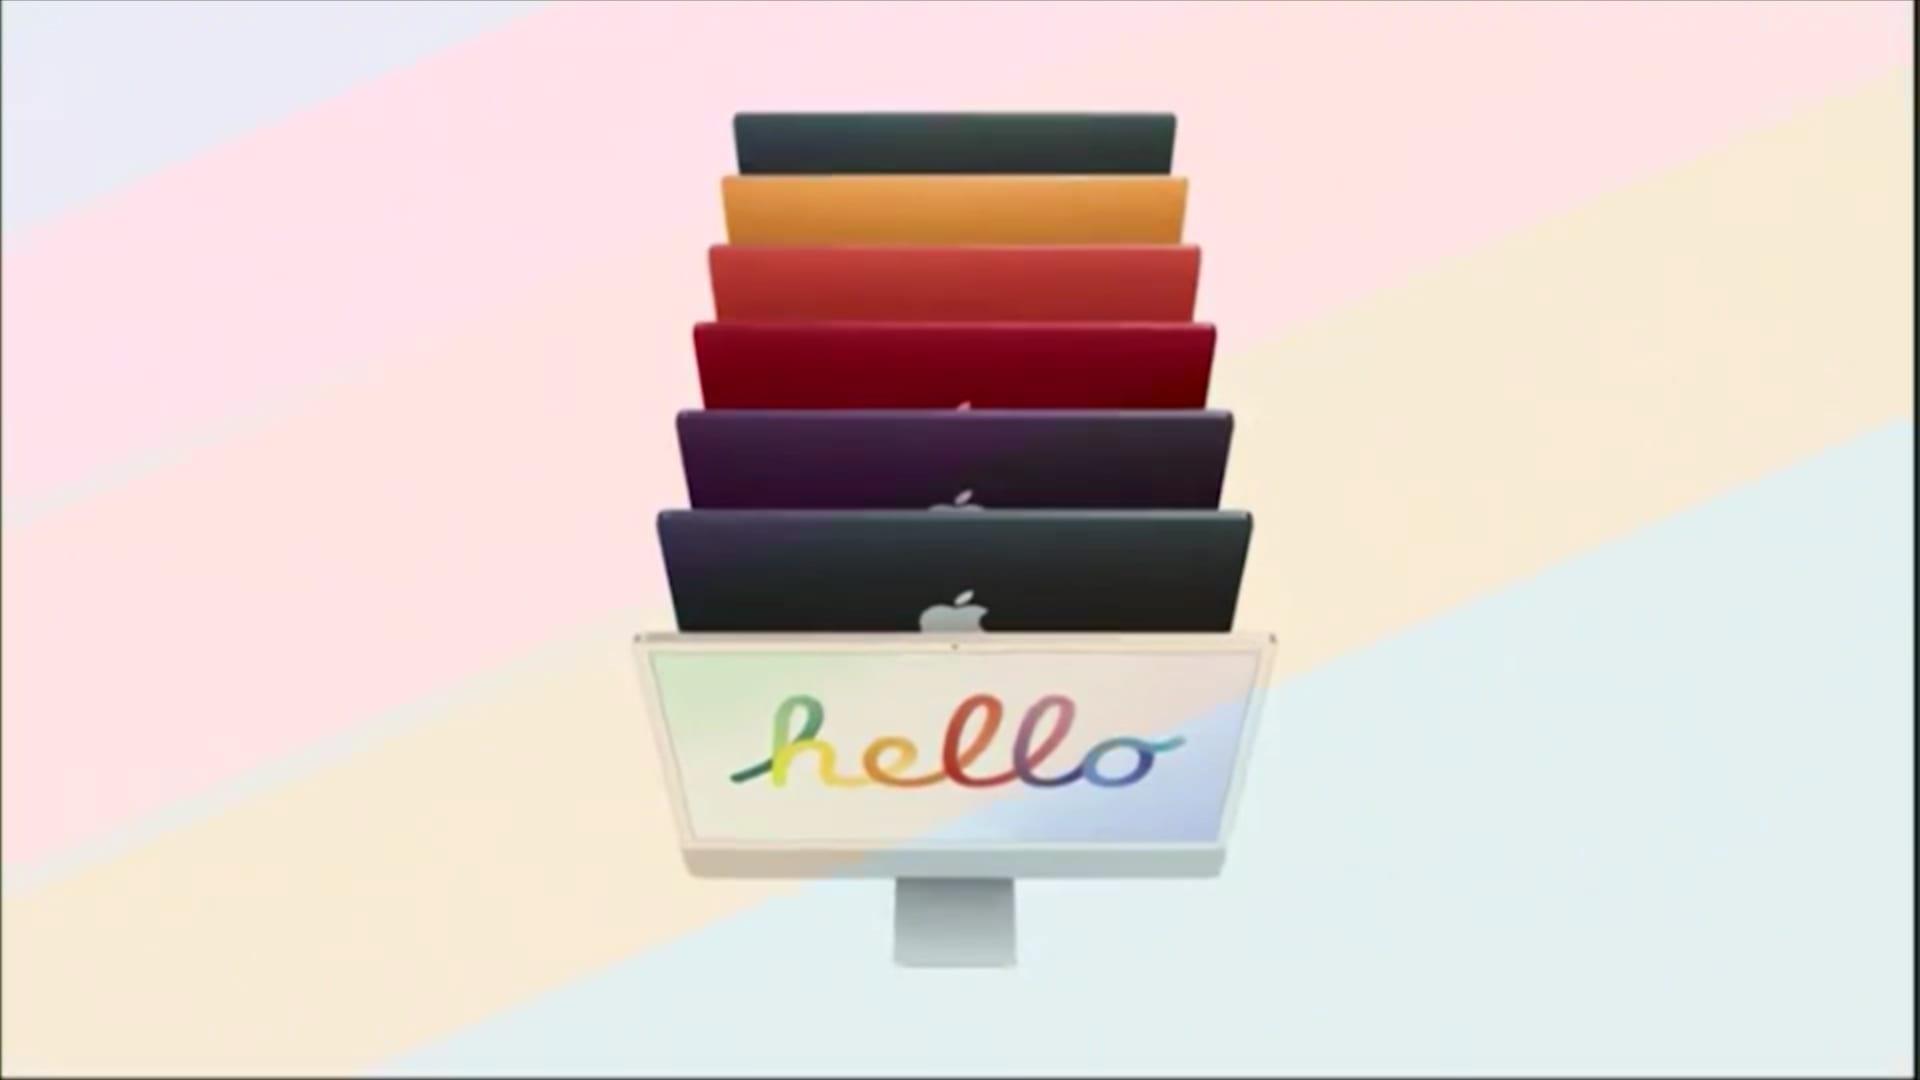 بمميزات وألوان جديدة.. تعرف إلى iMac الجديد كلياً وسعره